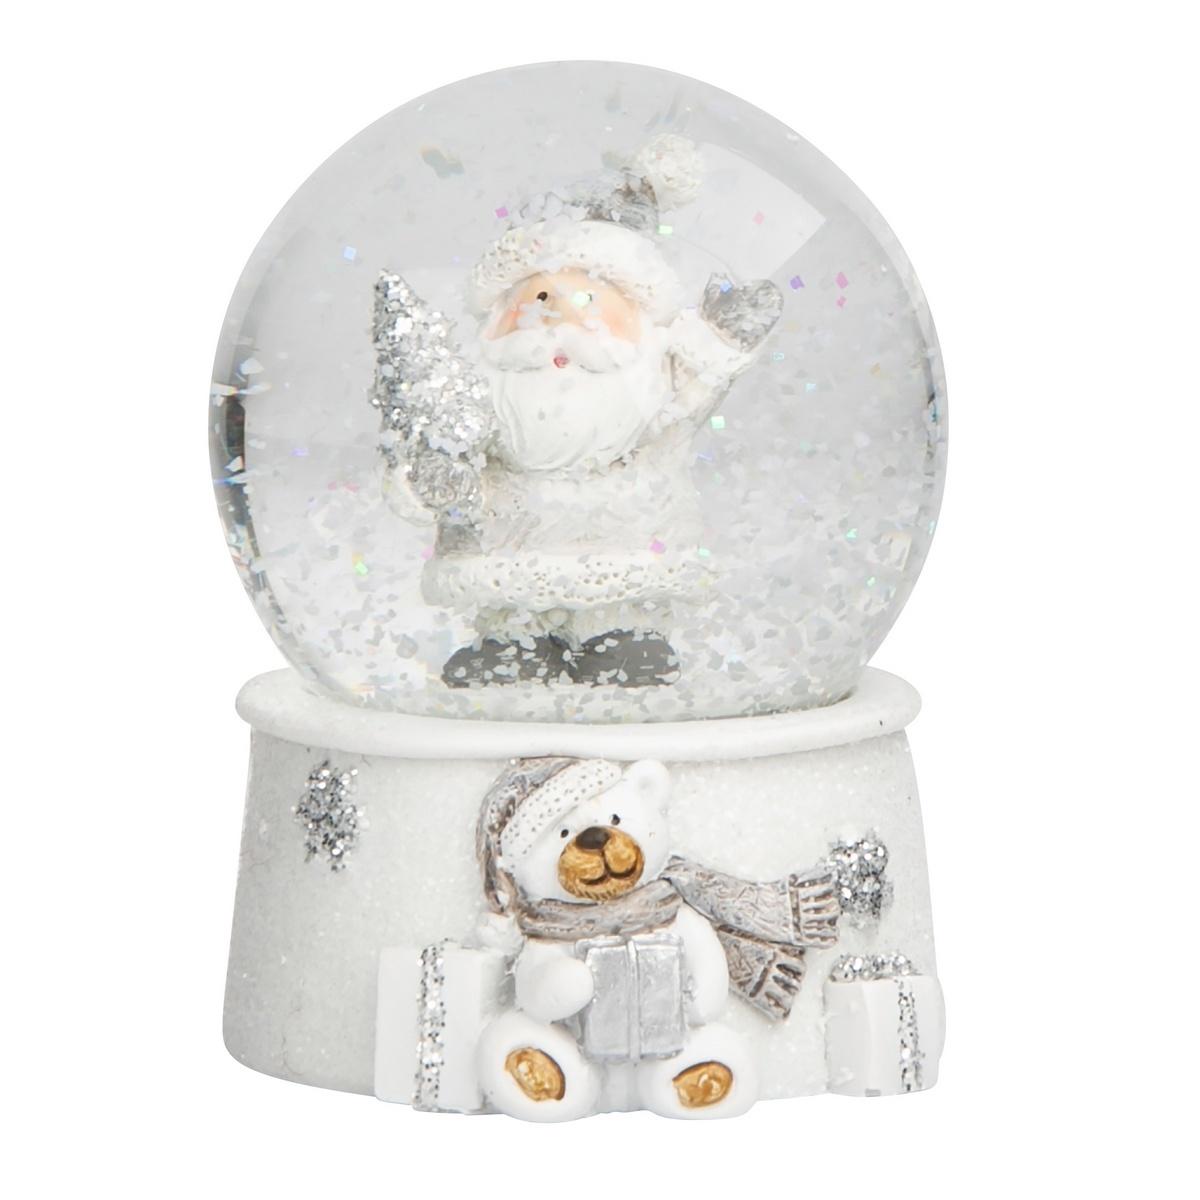 Altom Vánoční sněžítko Santa, 6,5 x 9,5 cm